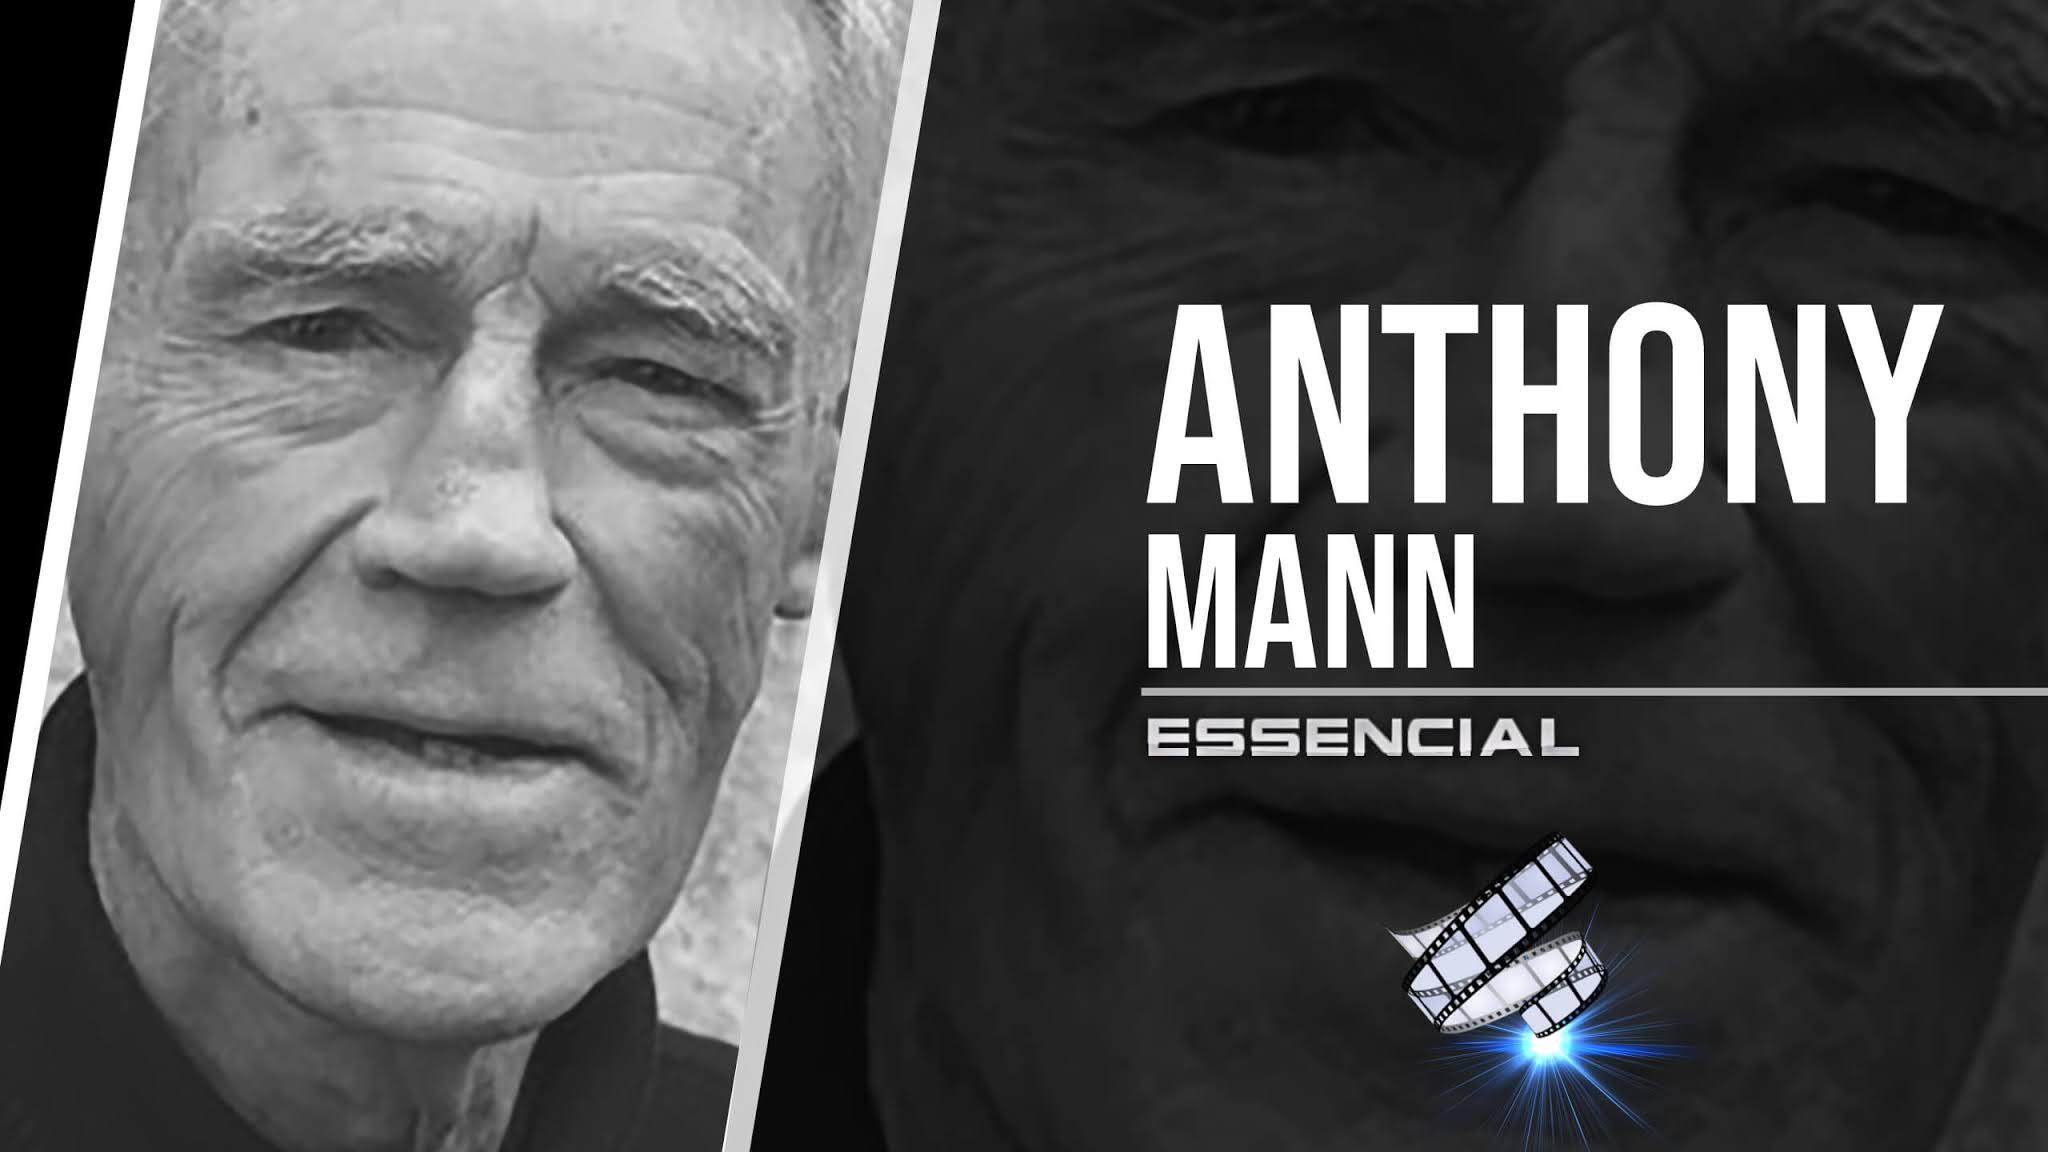 anthony-mann-10-filmes-essenciais